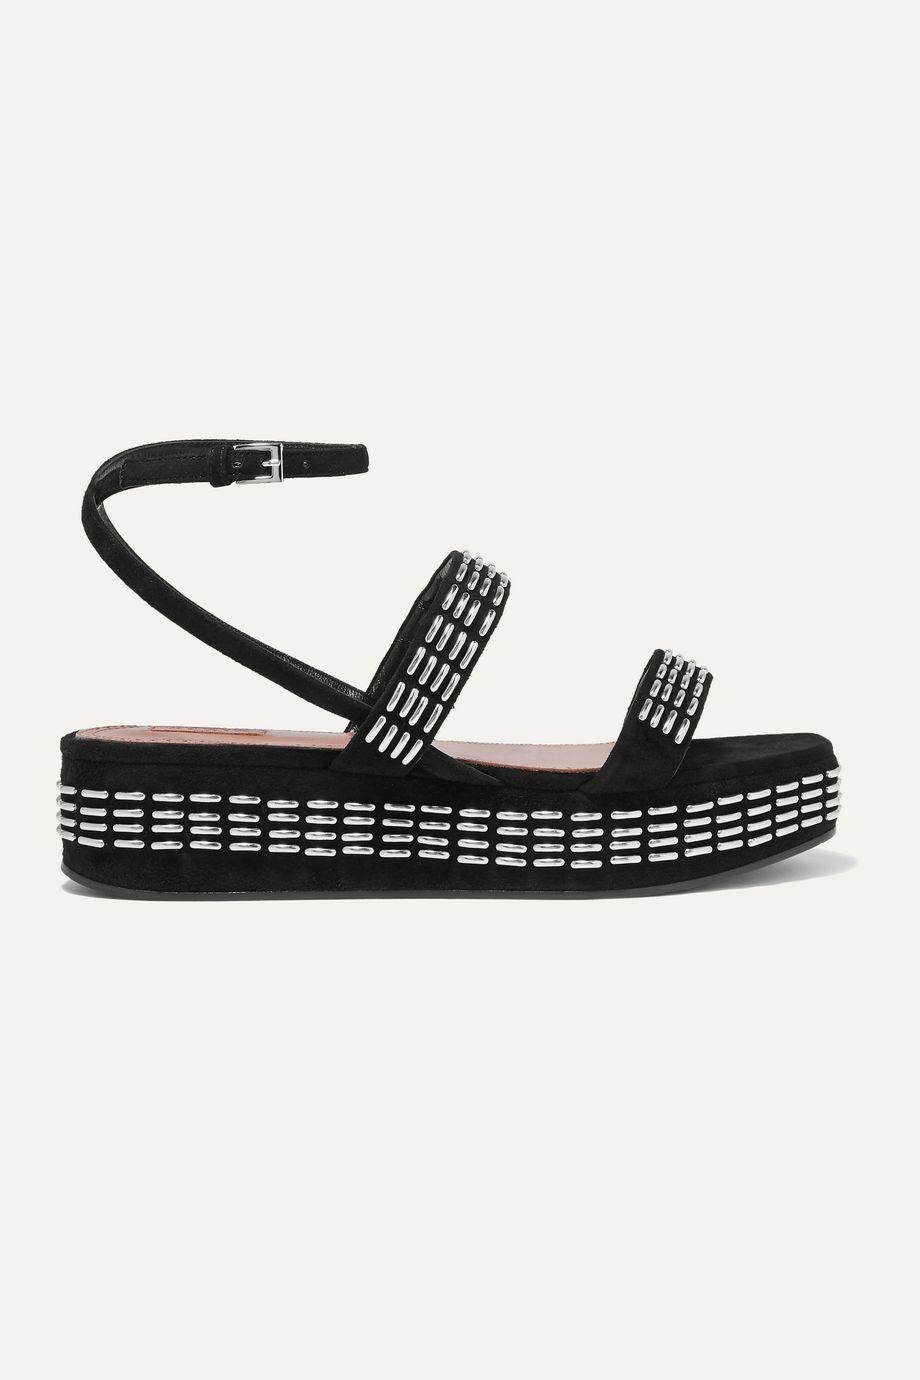 Alaïa 45 studded suede platform sandals